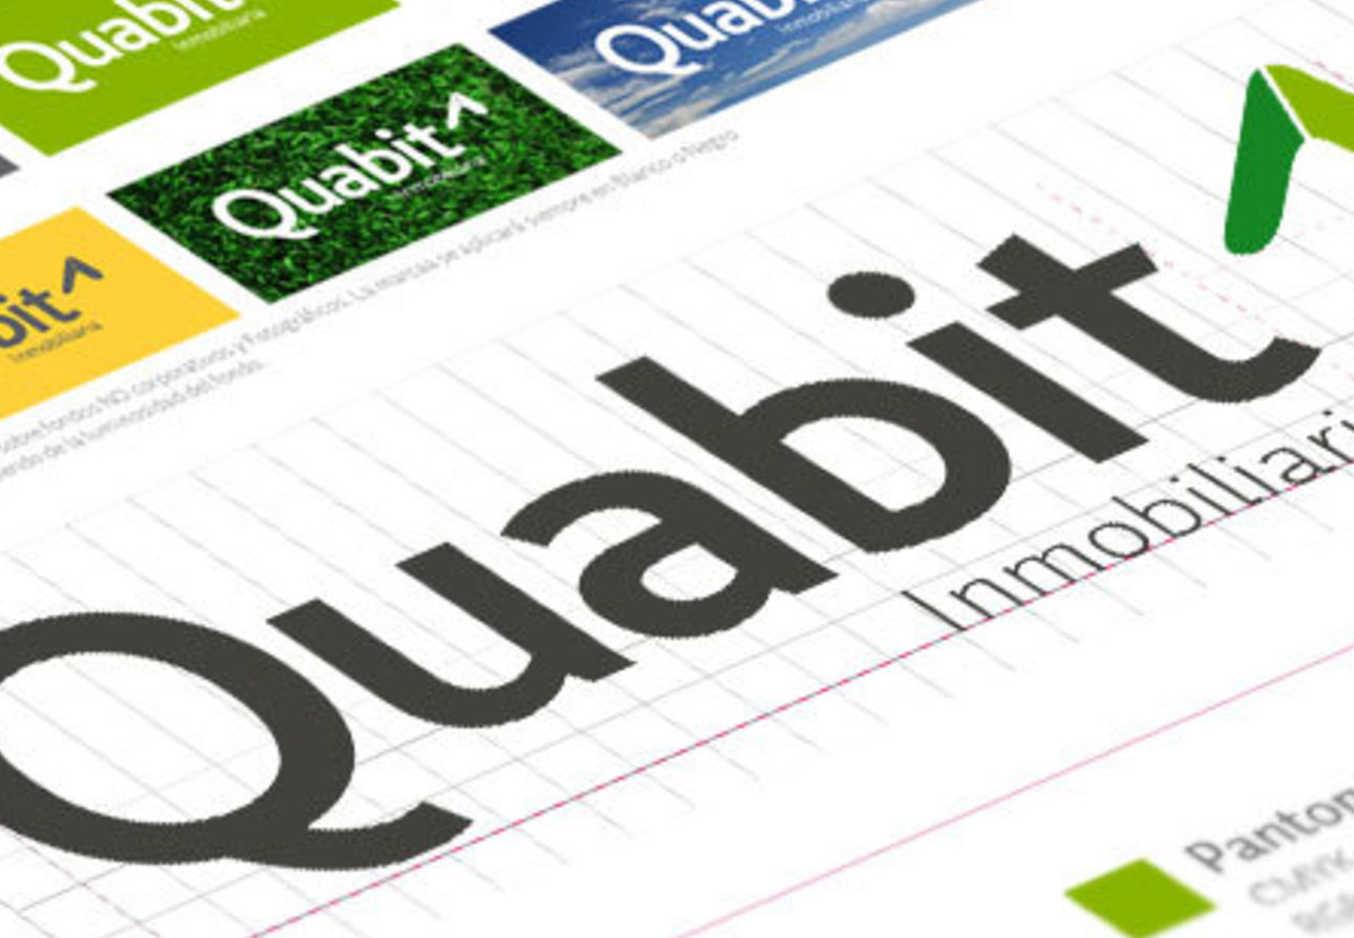 si está en nuestros planes la compra de acciones de Quabit